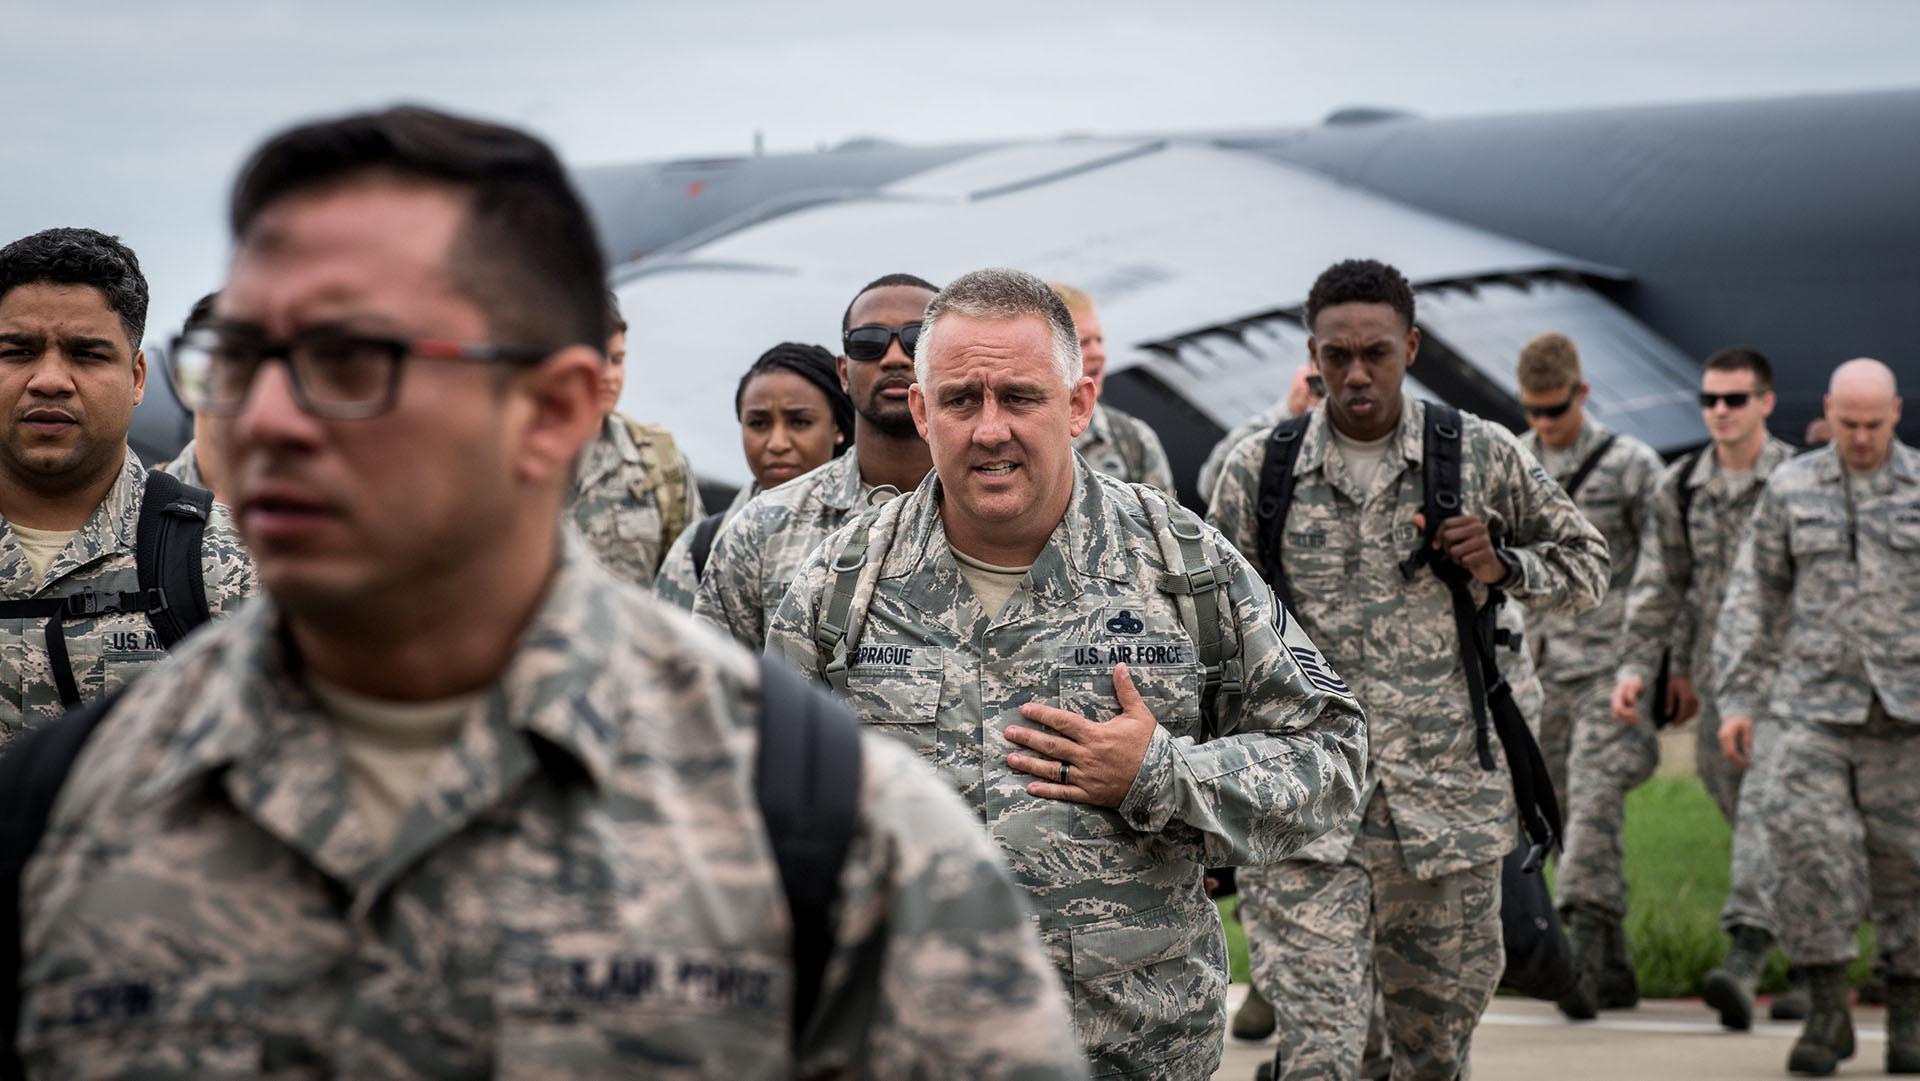 El personal de la Fuerza Aérea estadounidense de la Base Aérea Seymour Johnson, Carolina del Norte (REUTERS)